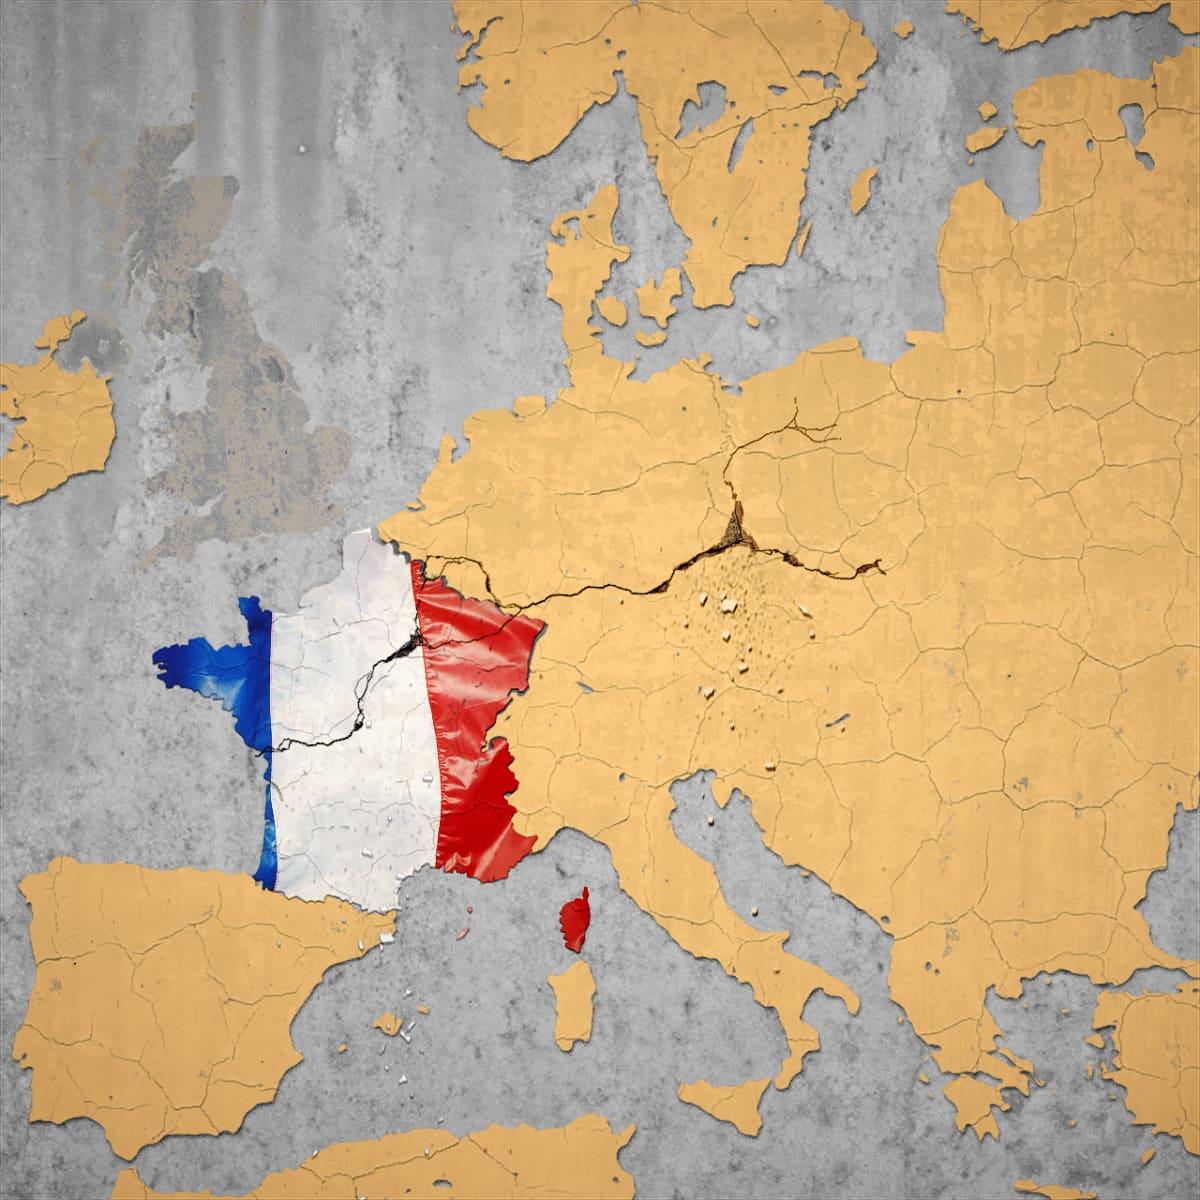 Miksi Ranskan Vaalit Ovat Tarkeat Suomelle Enta Murtuuko Eurooppa